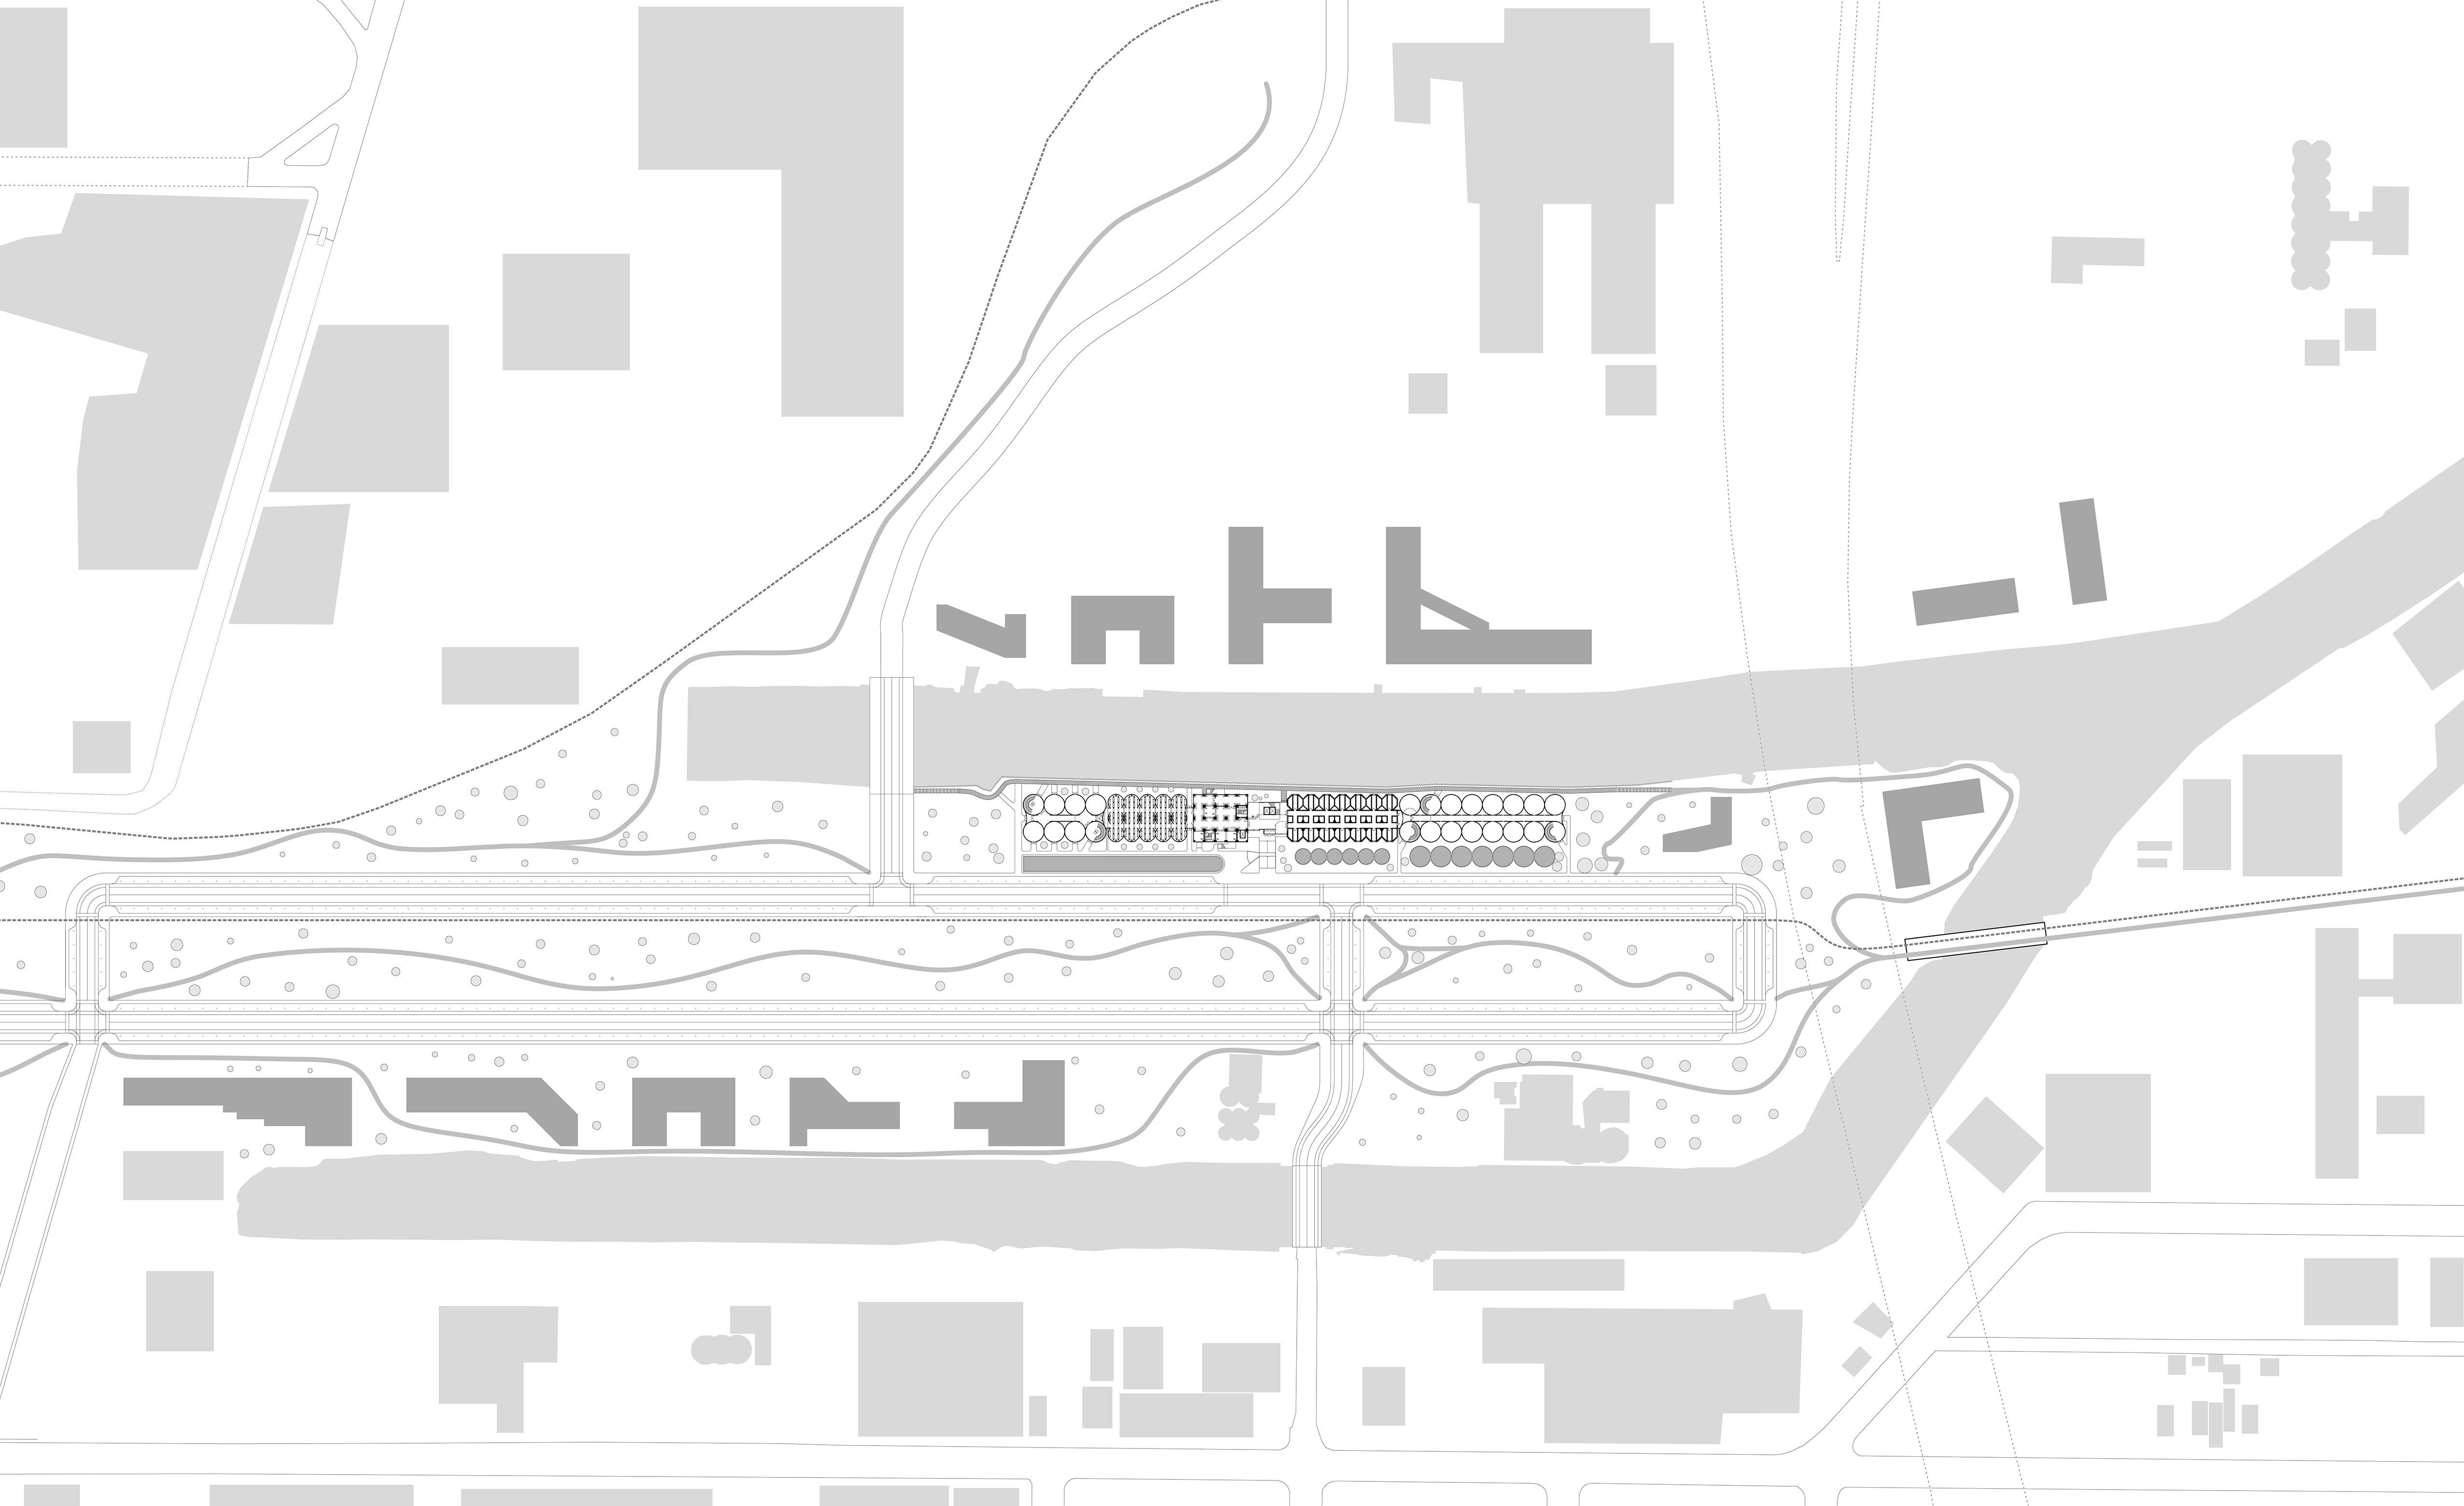 Site/Master Plan